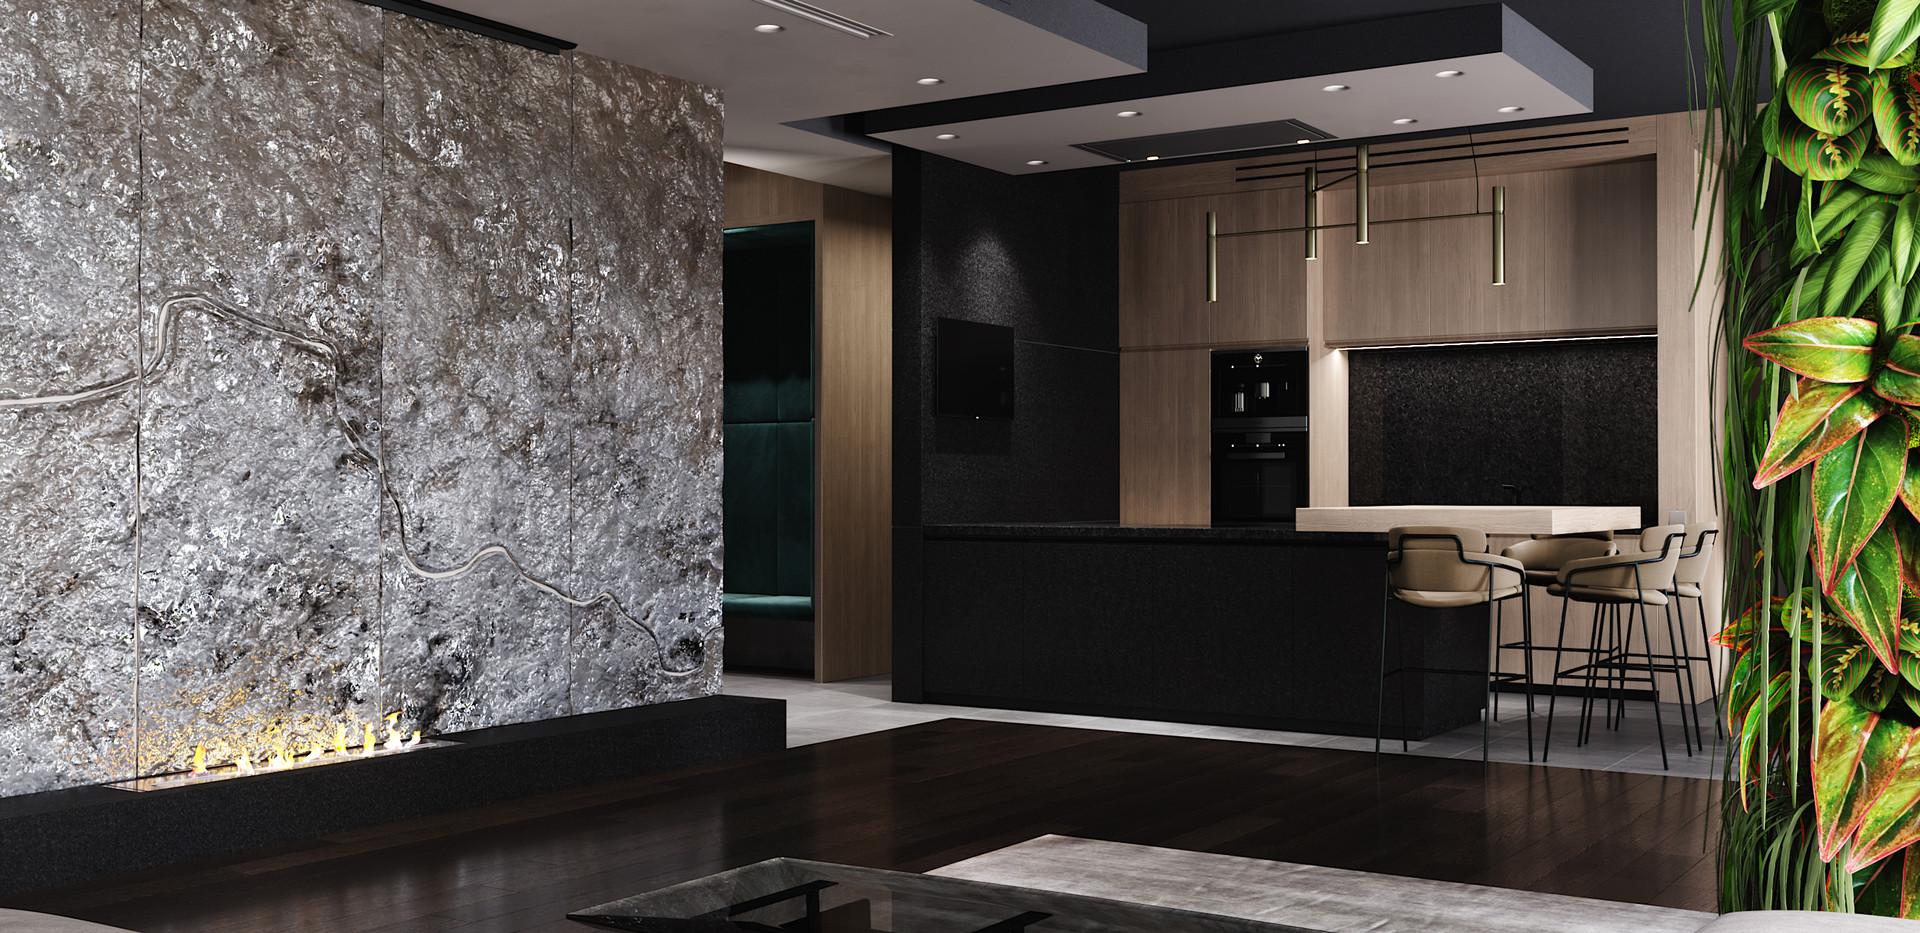 livingroom_kitchen_c4 (1).jpg